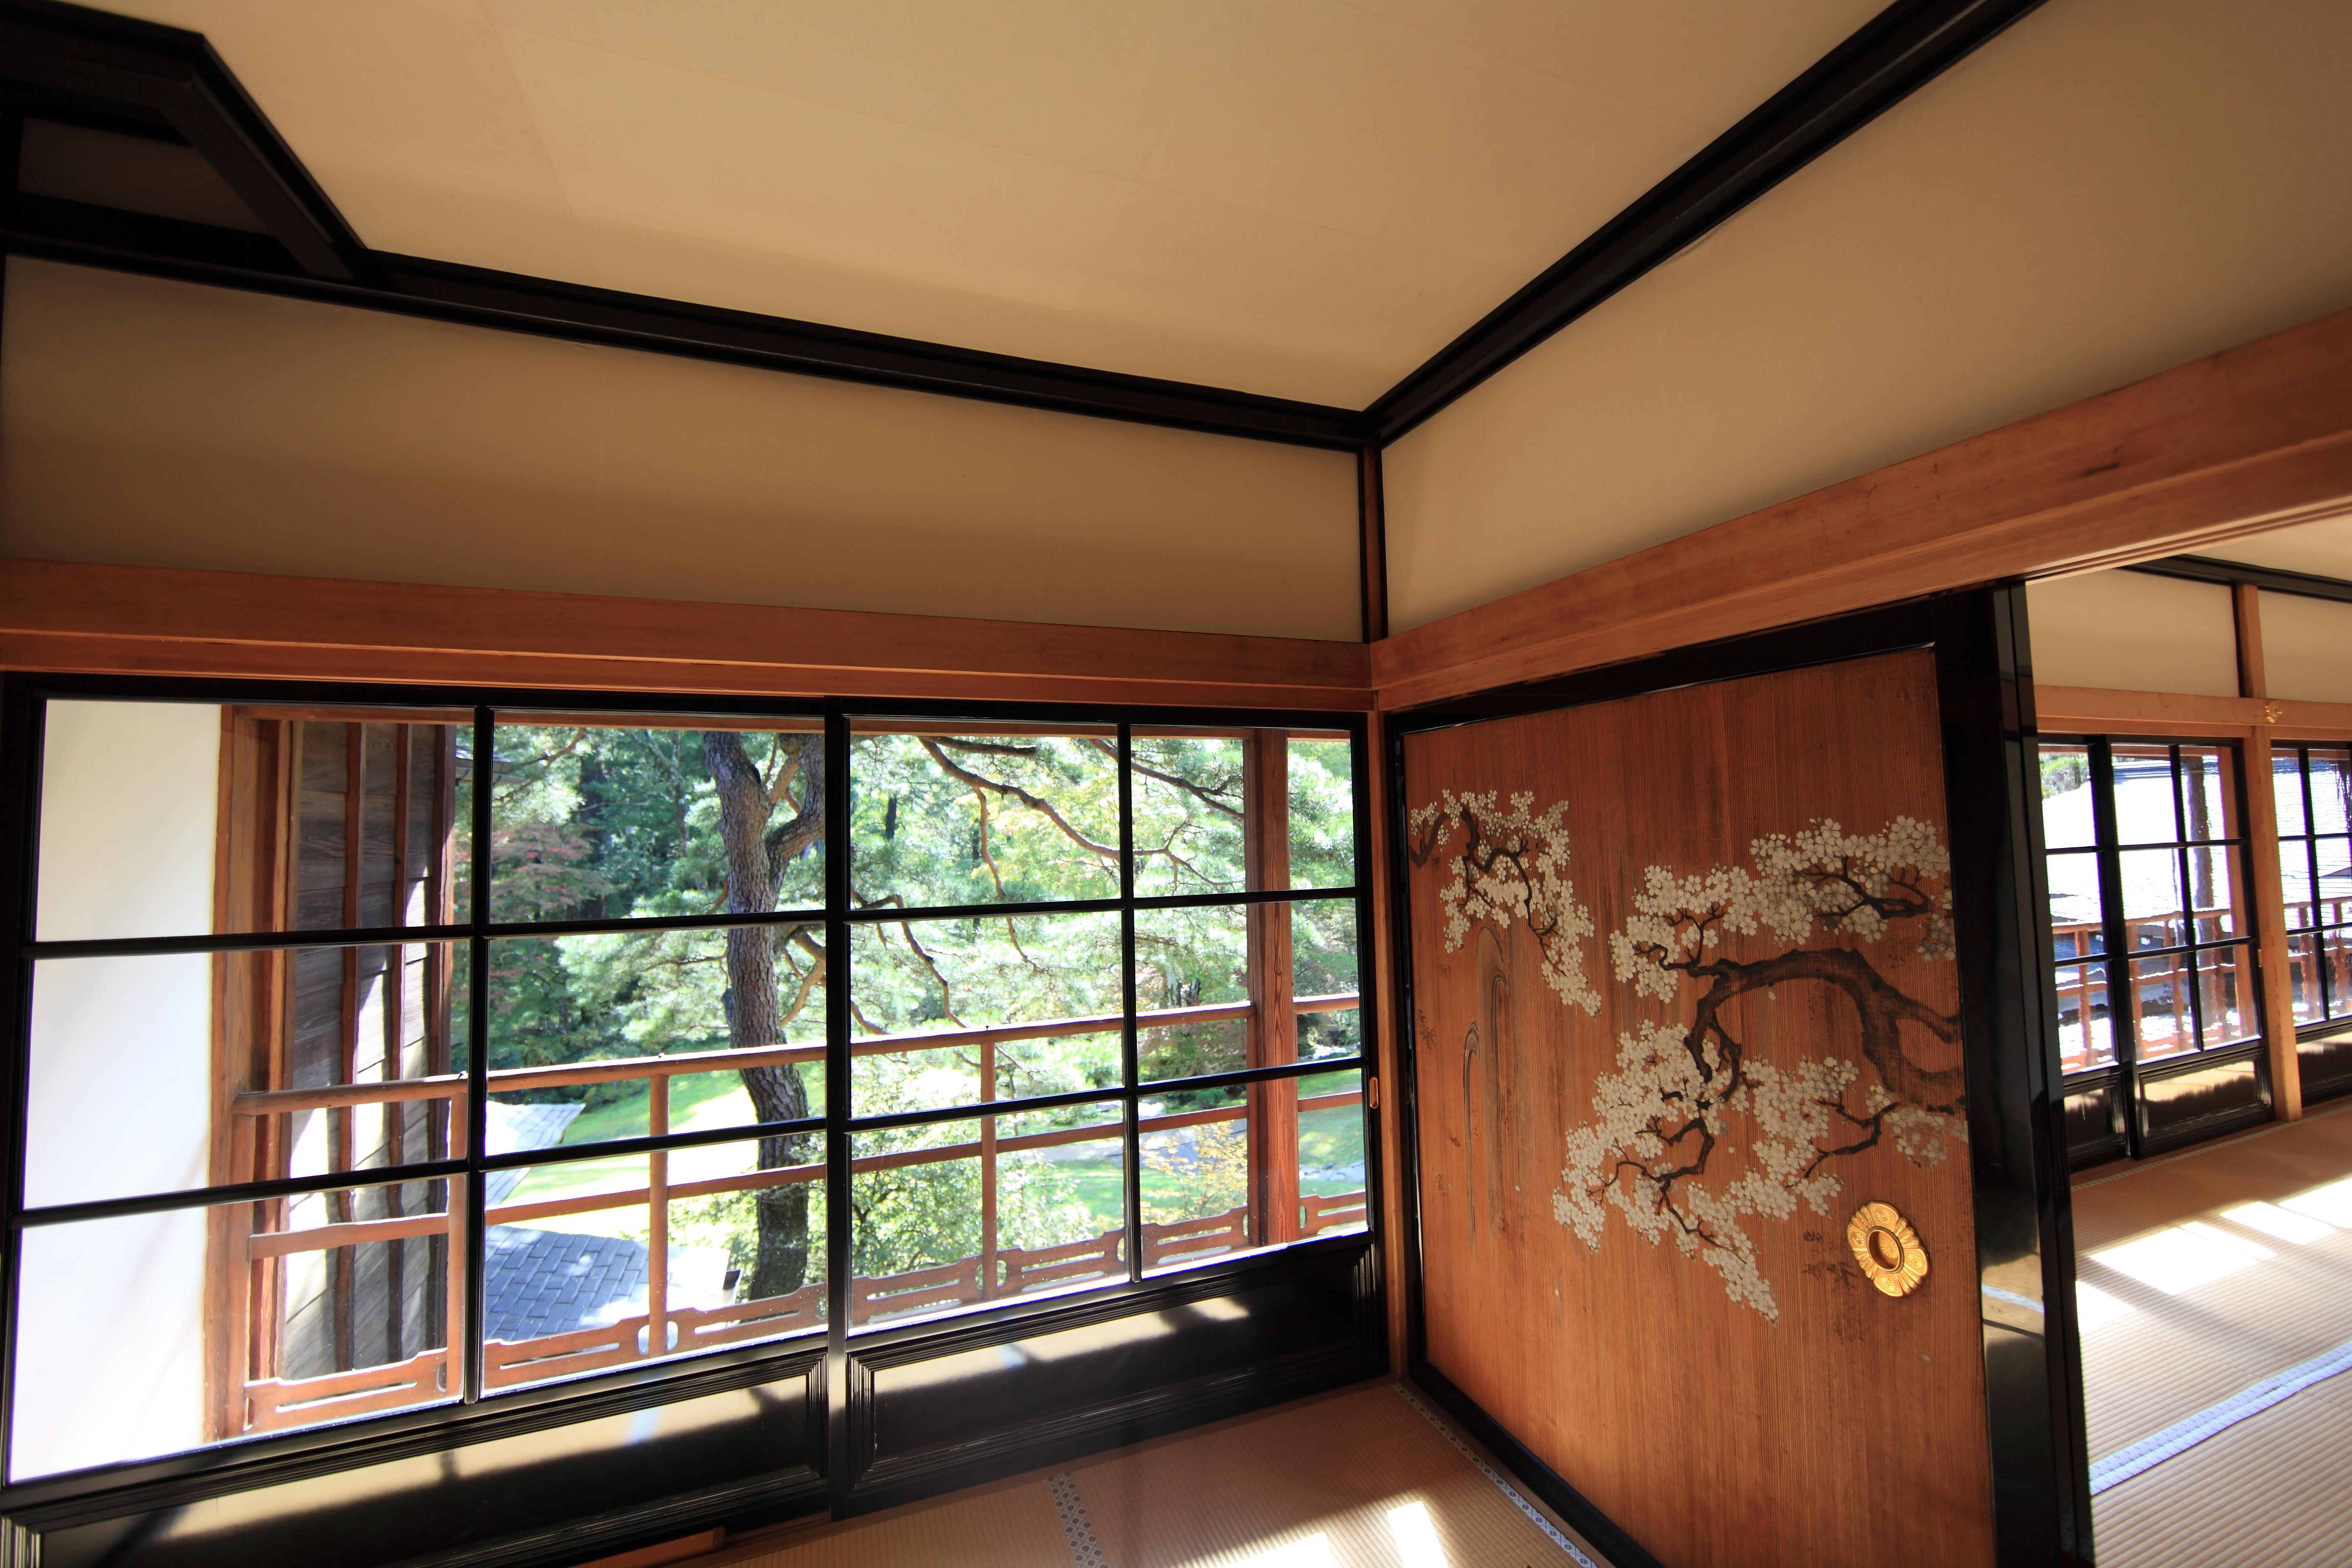 Gambar Vila Rumah Pedalaman Jendela Kaca Plafon Tinggi